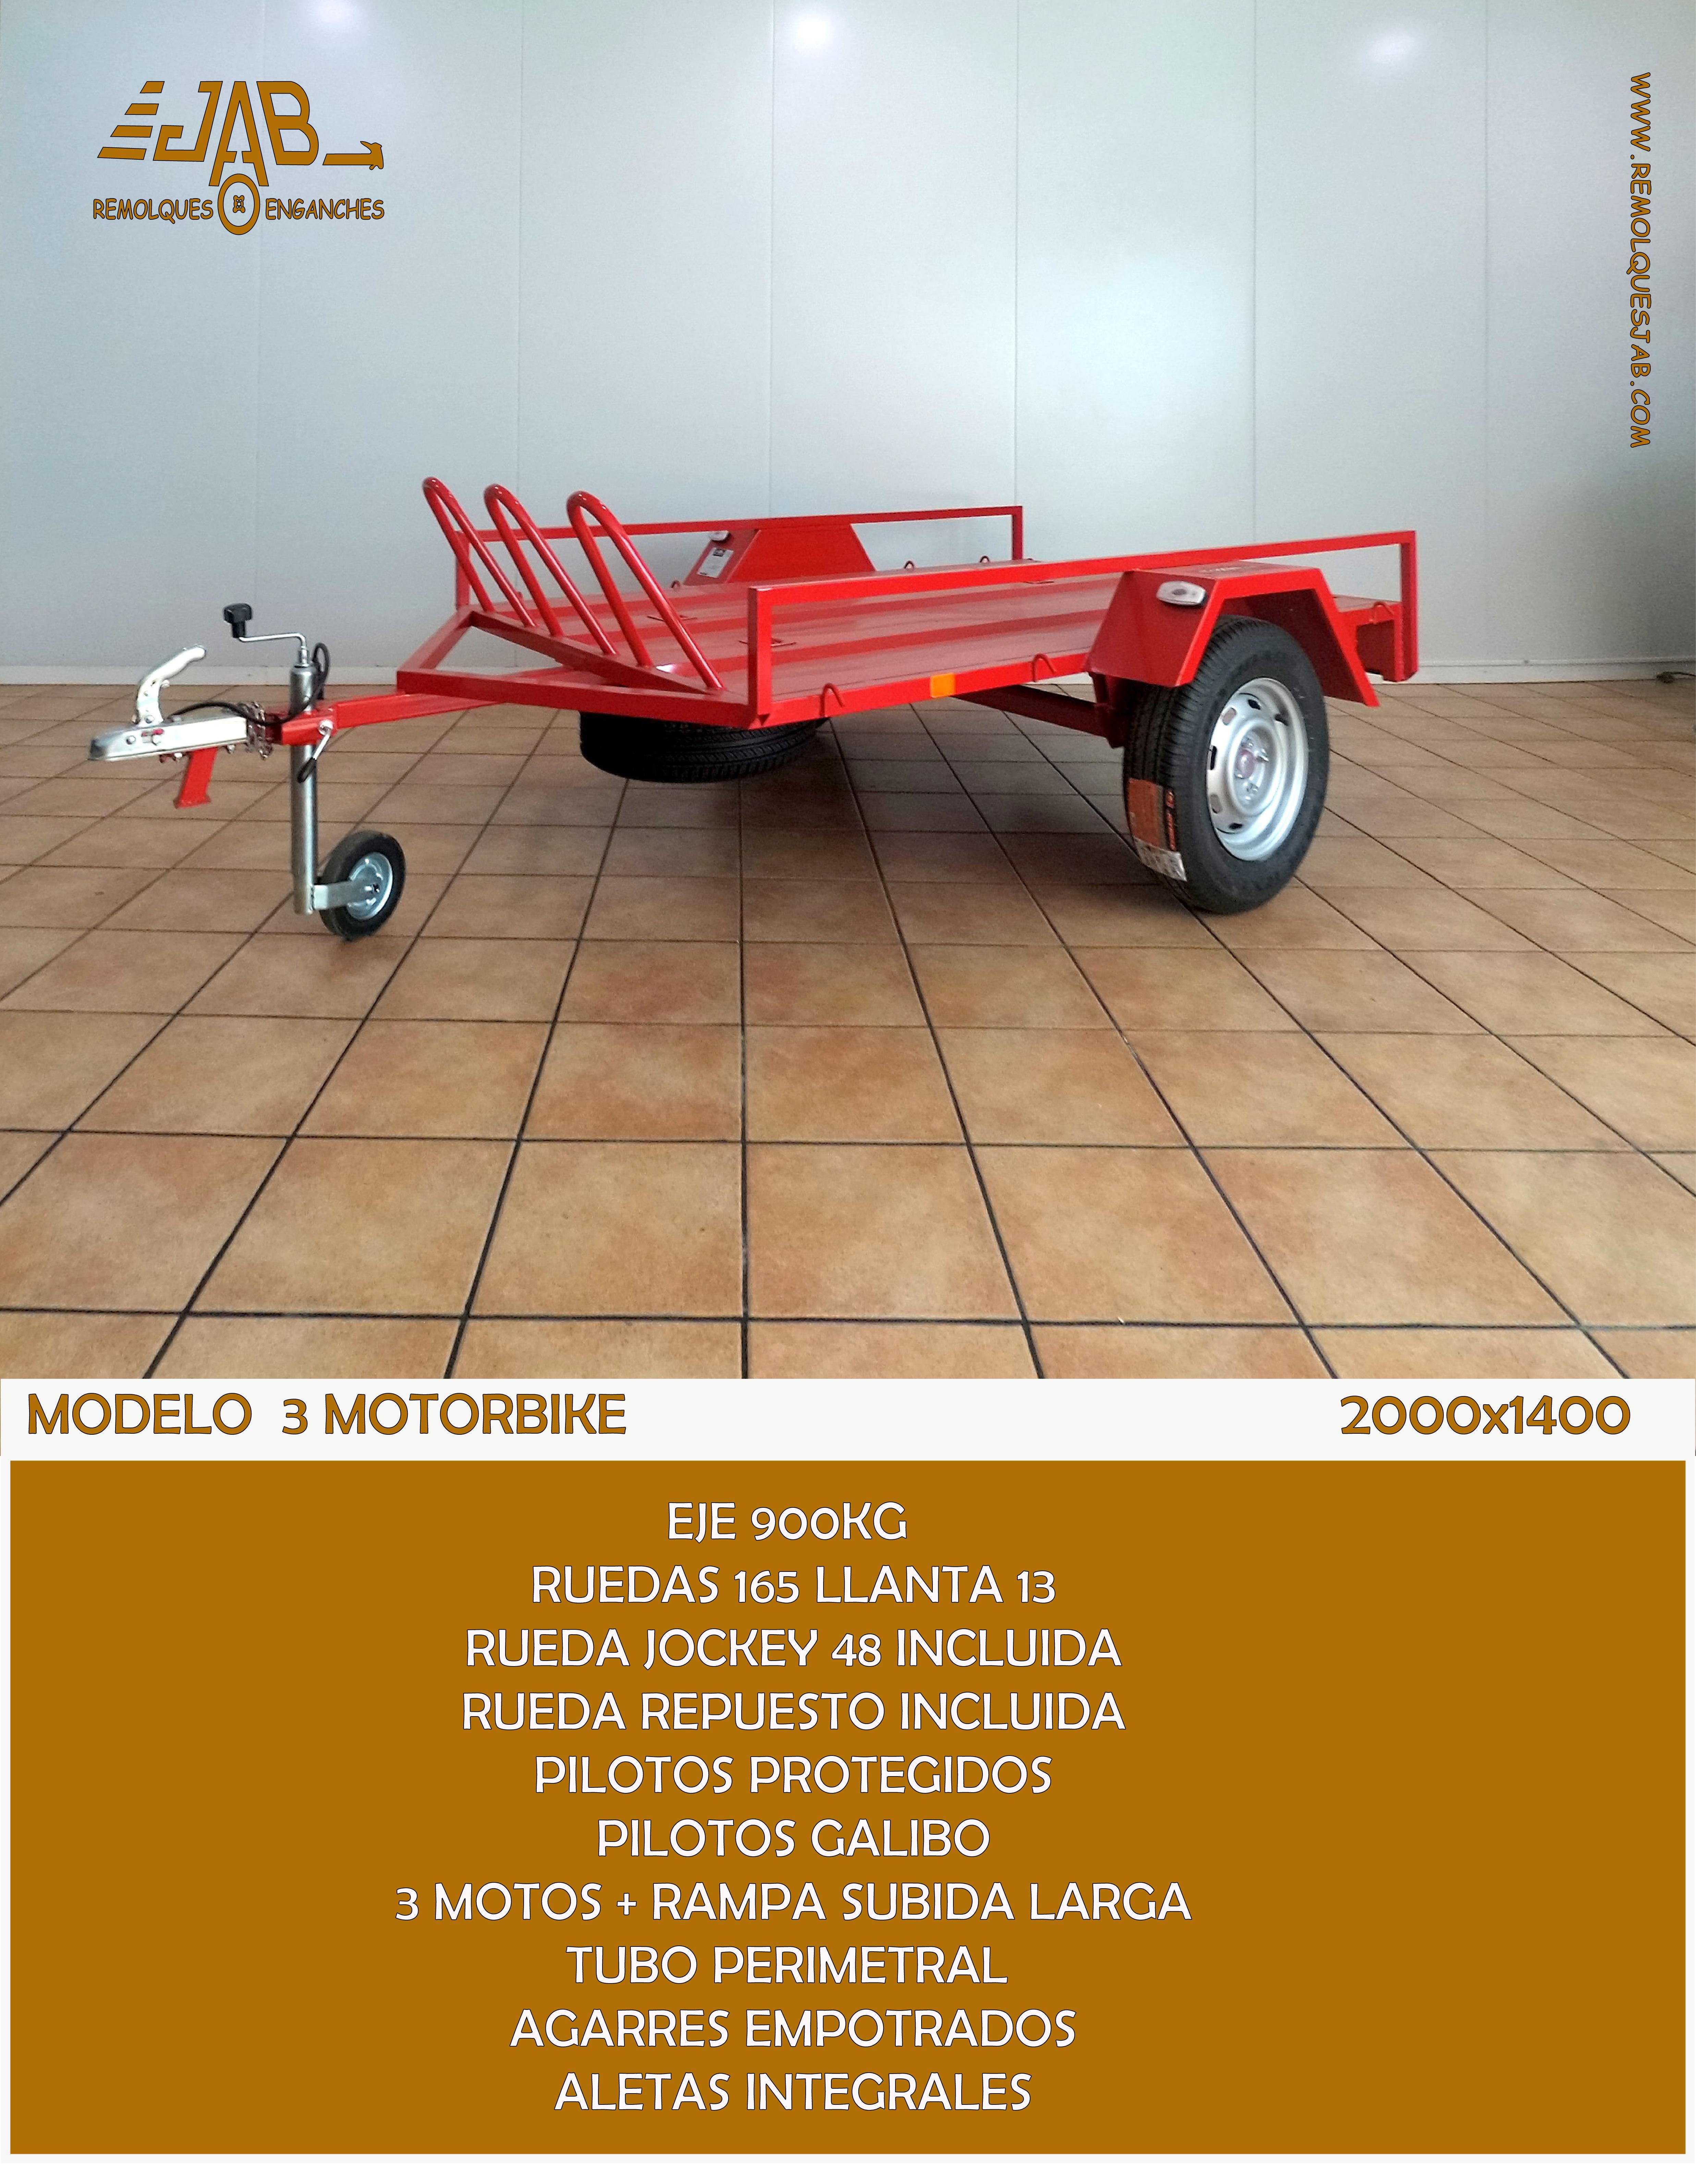 MODELO 3 MOTORBIKE WEB